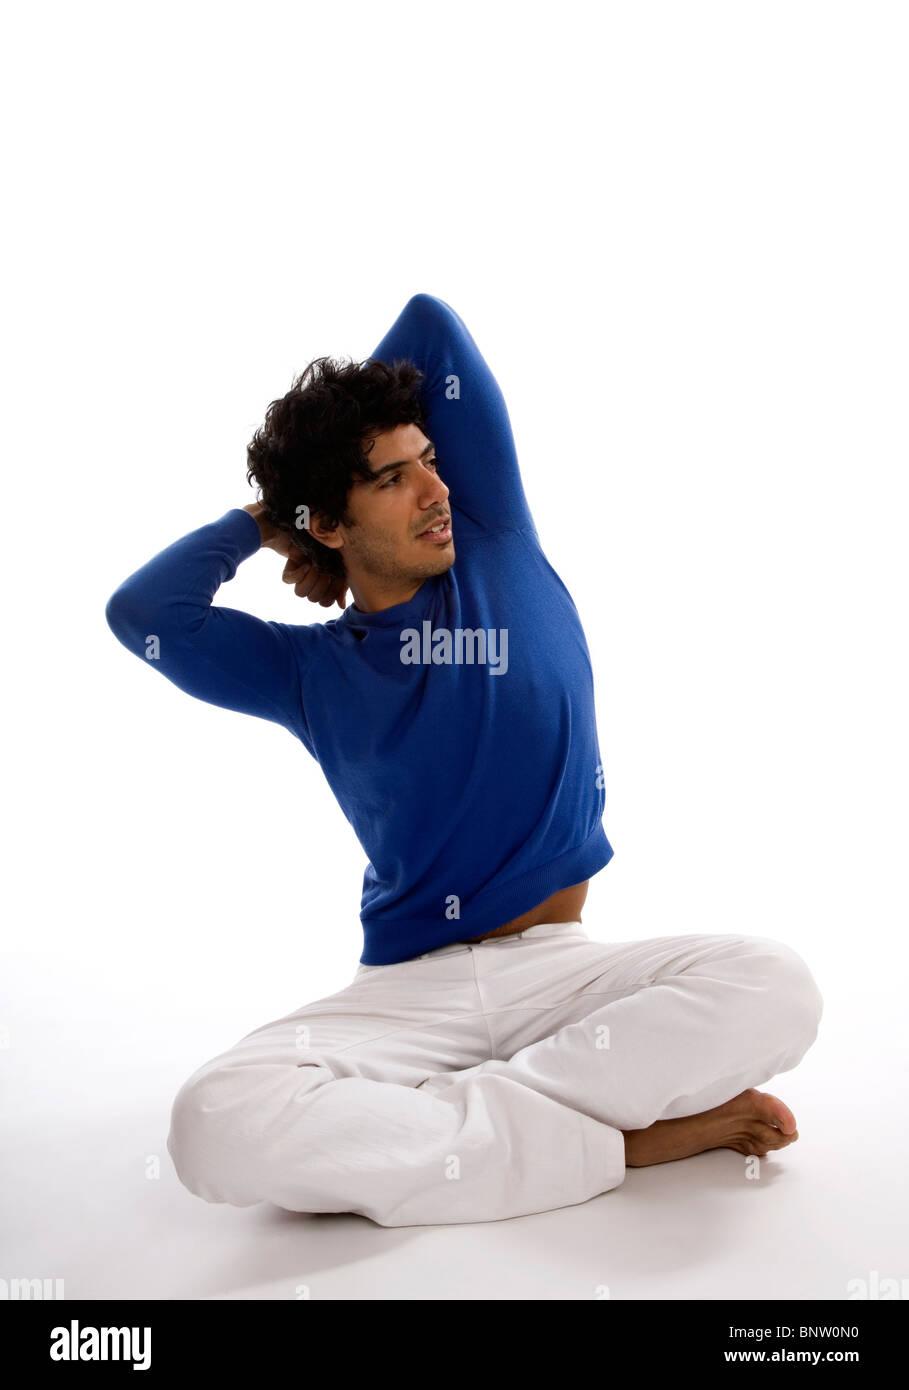 Uomo con gambe incrociate stretching corpo superiore Immagini Stock